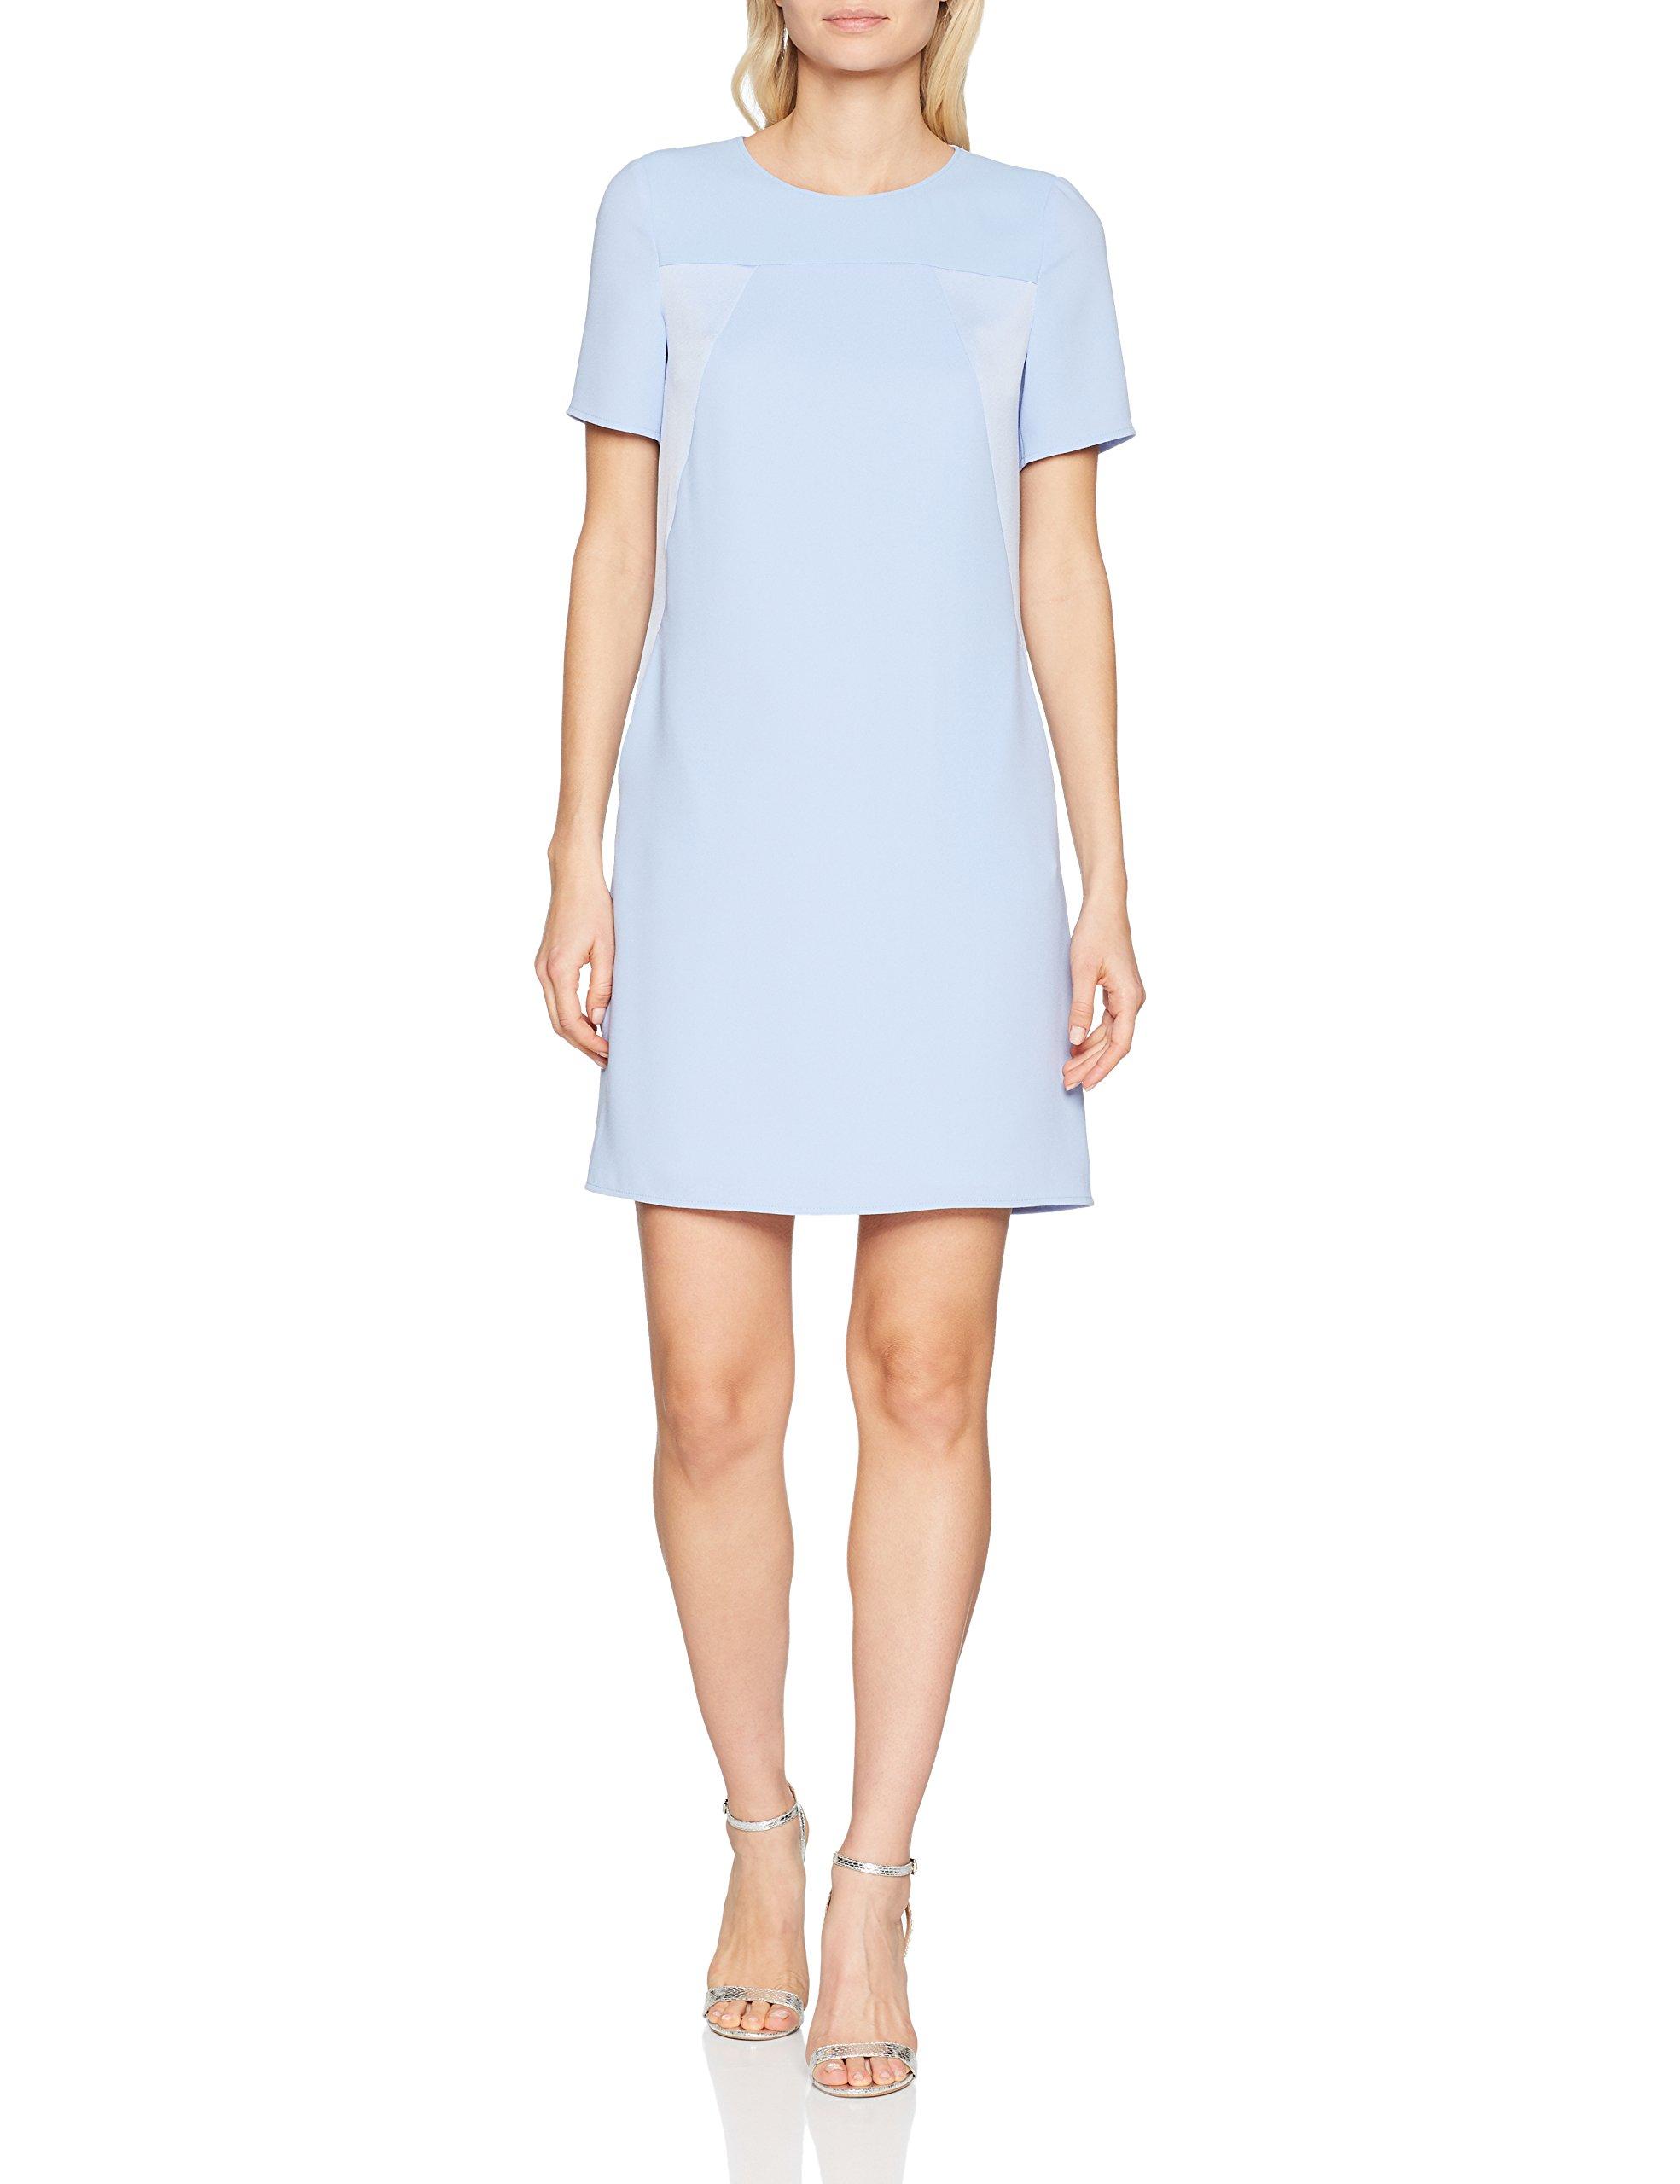 Daniel RobeBleucloudy Blue Femme Hechter Dress 62538 CQrhtsd